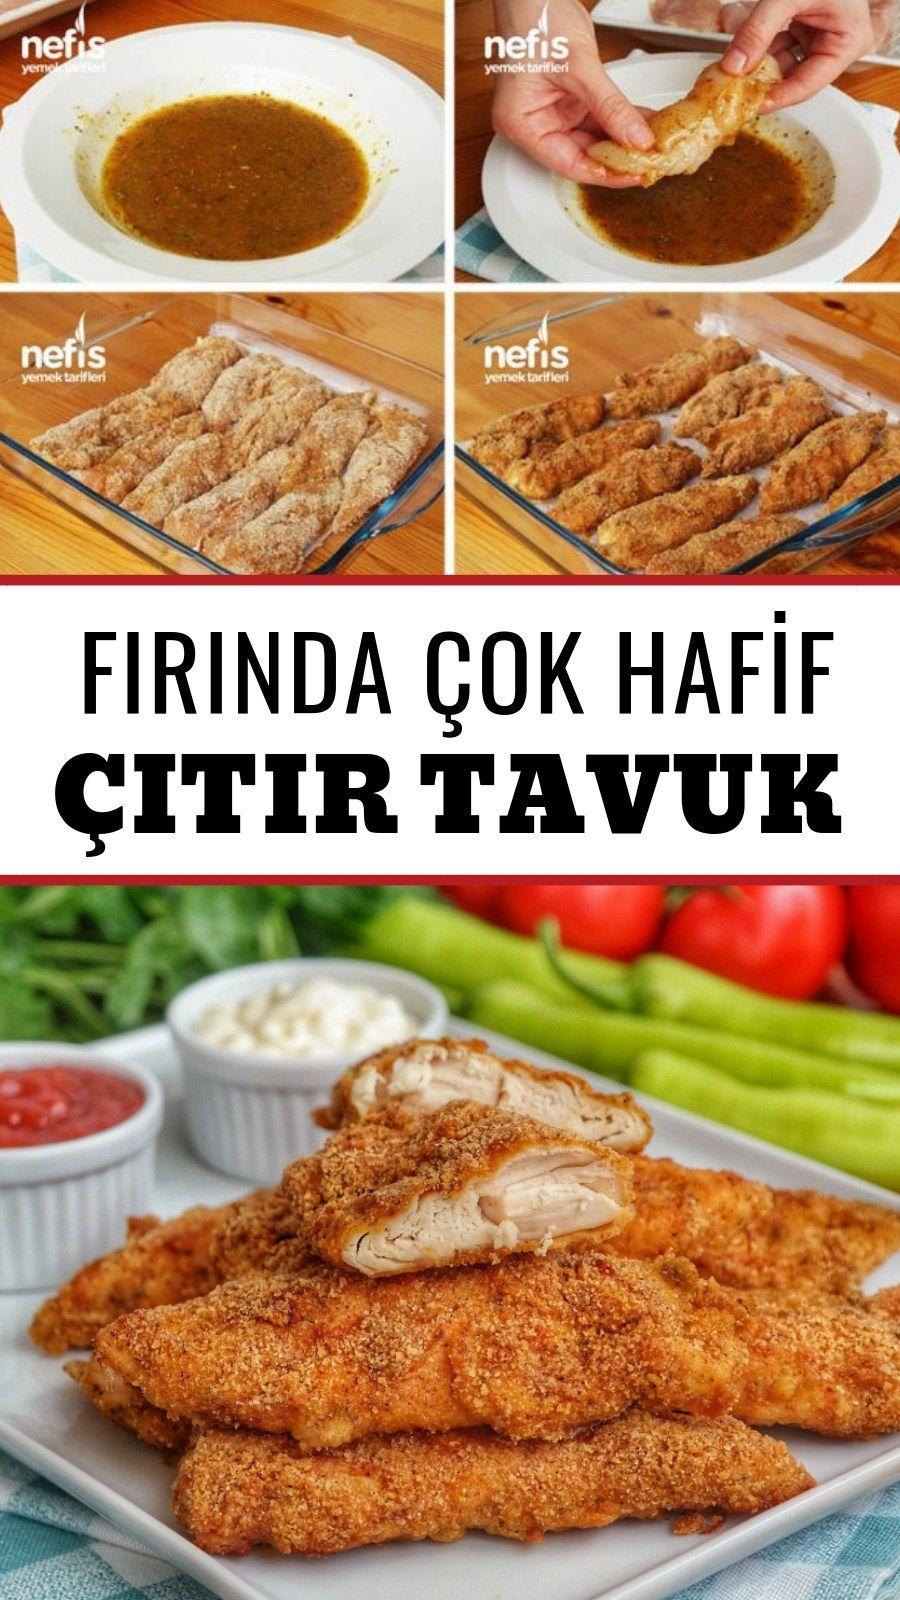 Firinda Galeta Unlu Citir Tavuk Videolu Nefis Yemek Tarifleri Yemek Tarifleri Yemek Yiyecek Ve Icecek